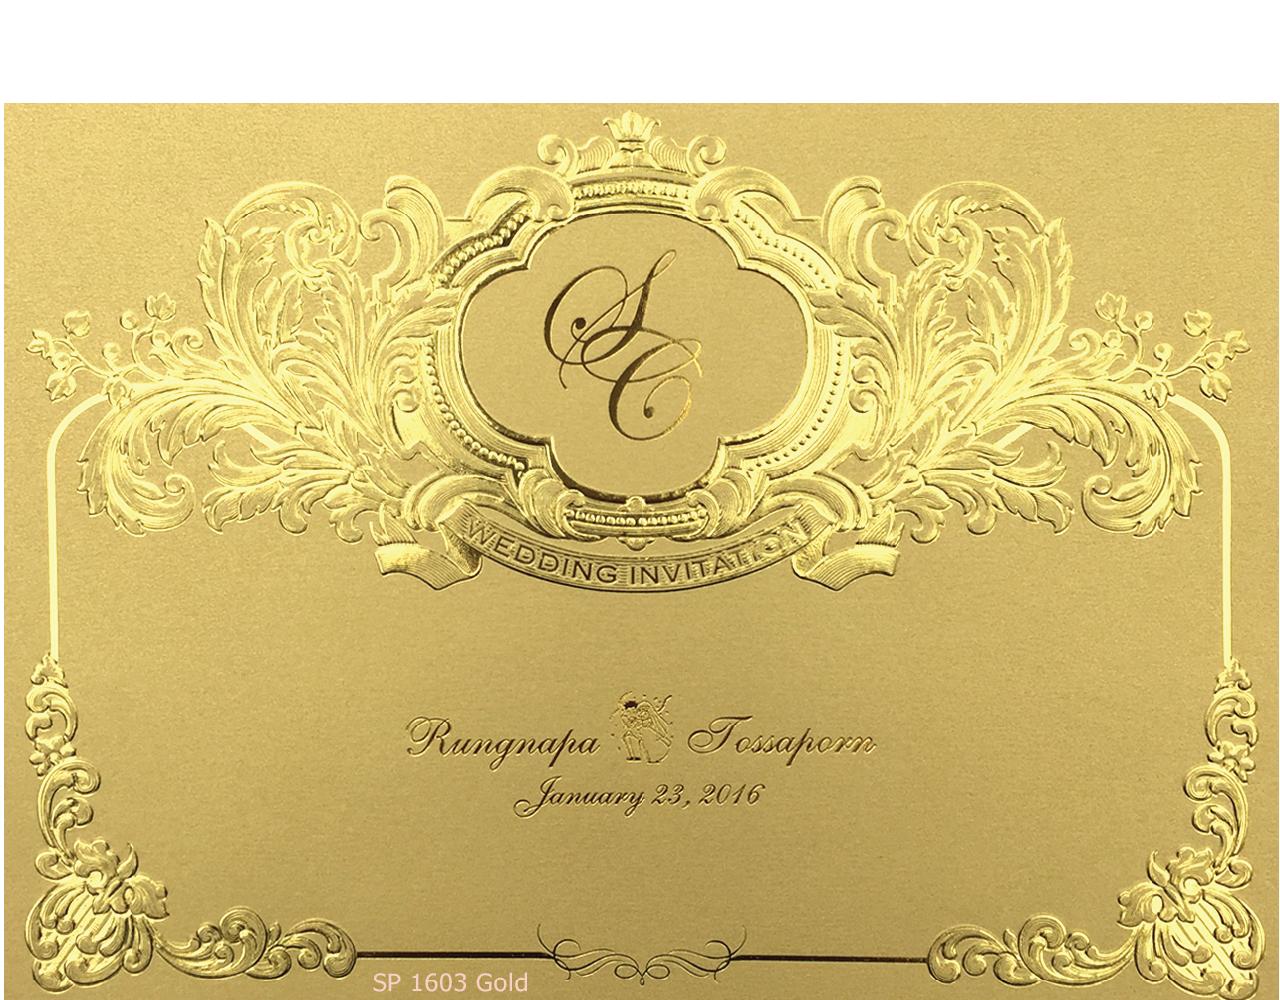 การ์ดแต่งงาน การ์ดเชิญ สีมุกทอง 2 พับ พิมพ์ทอง แบบเรียบหรู ลวดลายปั๊มนูน พิมพ์ทองเค Wedding card 15.321.3 cm SP 1603 Gold